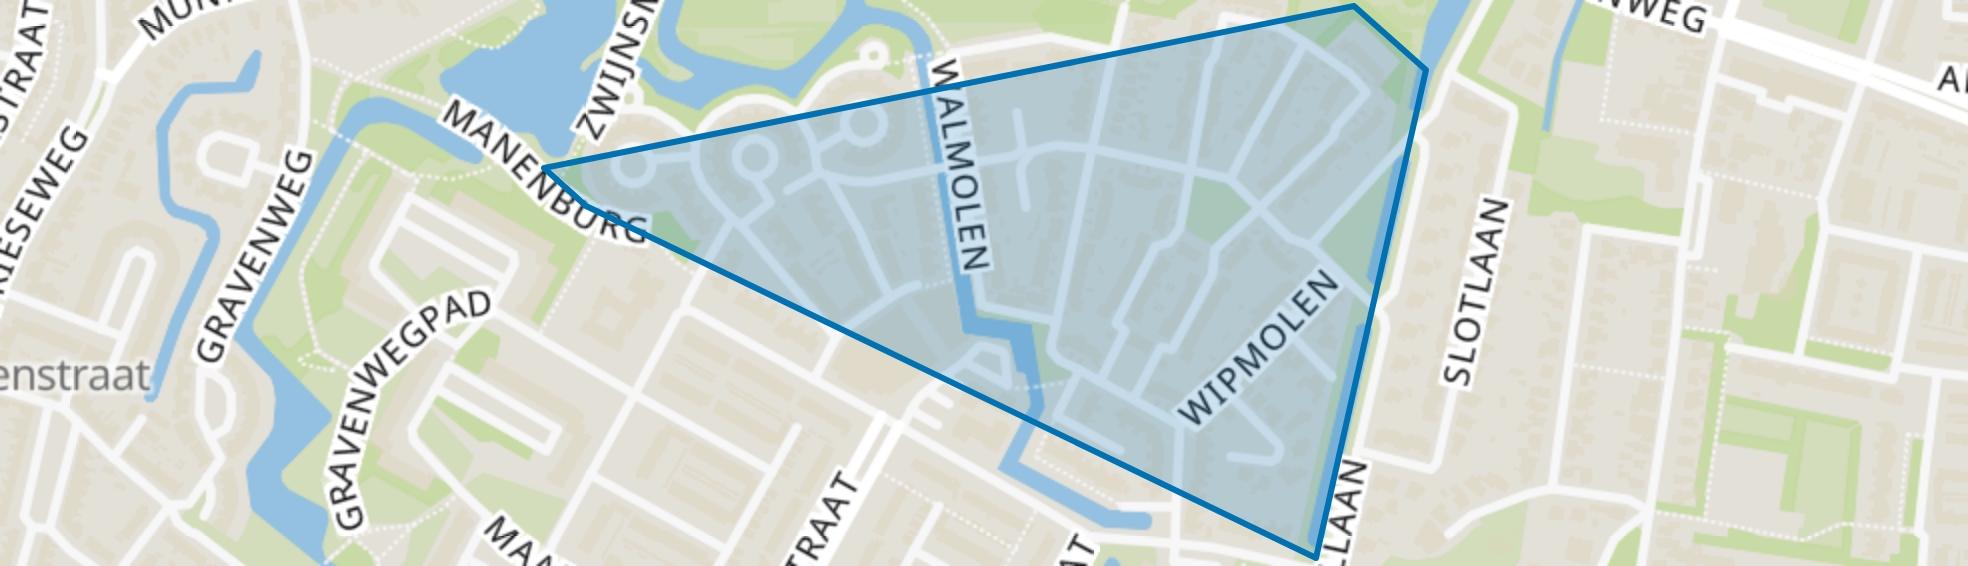 Oudorperpolder-Noord, Alkmaar map